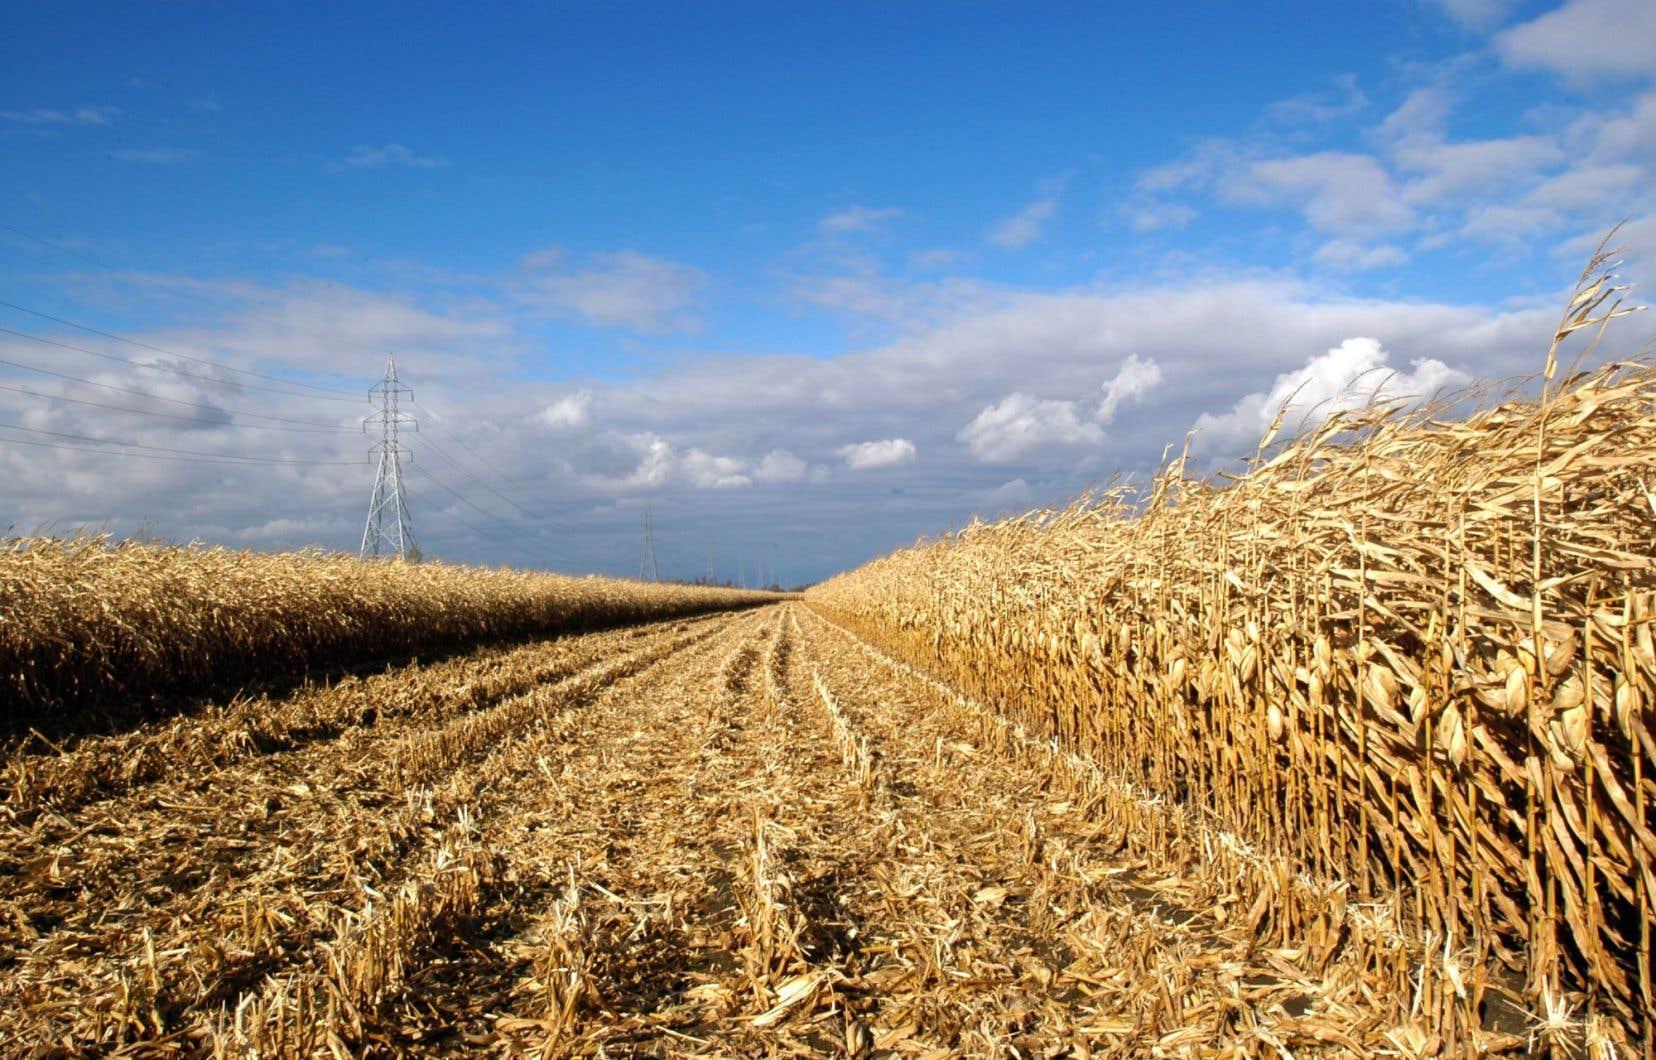 La quasi-totalité des semences de maïs et environ la moitié des semences de soya sont traitées avec des néonicotinoïdes .